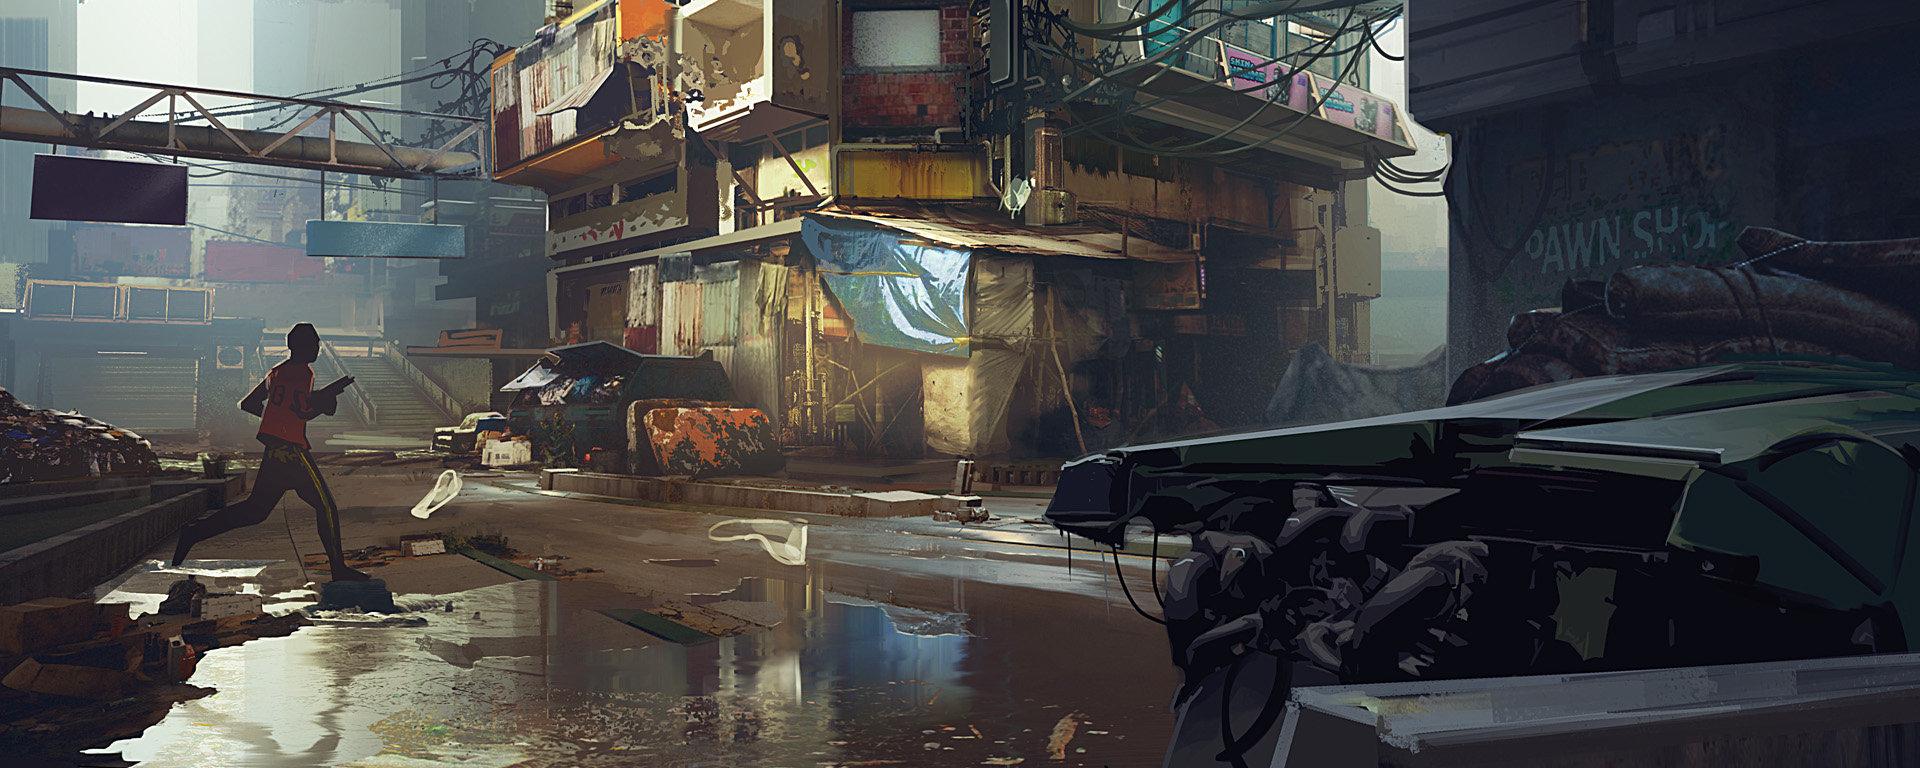 """《赛博朋克2077》""""太平洲""""地区 介绍和概念图"""